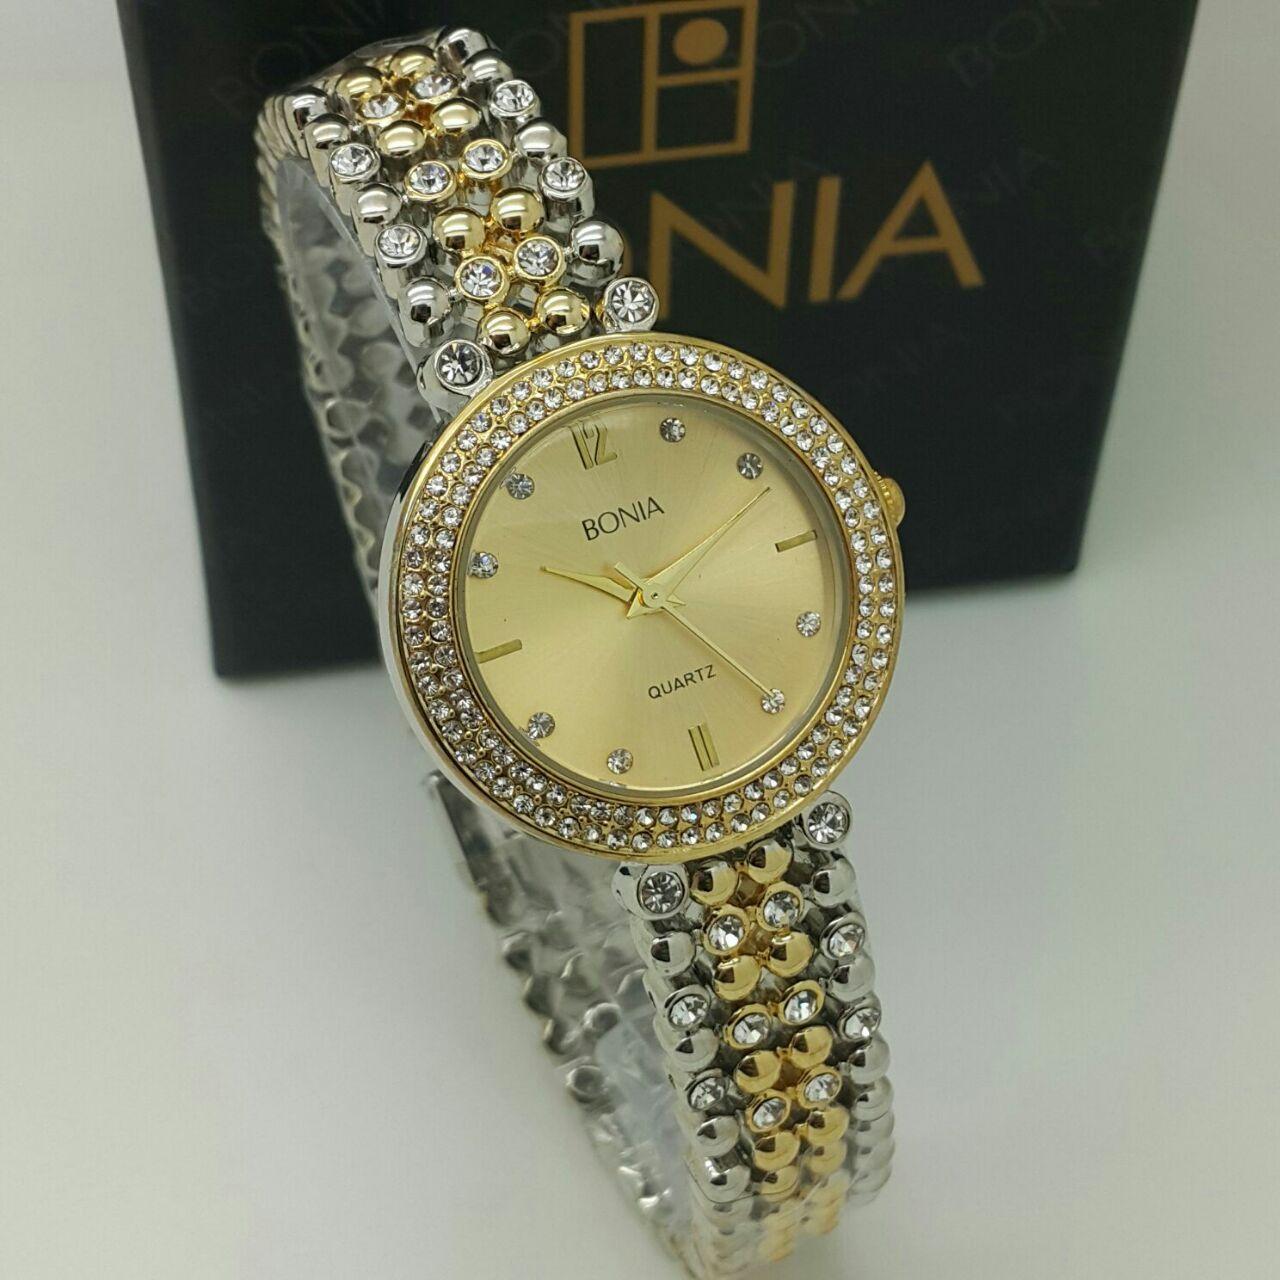 Jam Tangan Wanita Bonia Bn12174 Daftar Harga Terkini Terlengkap Silver Bn10107 2367s Dan Indonesia